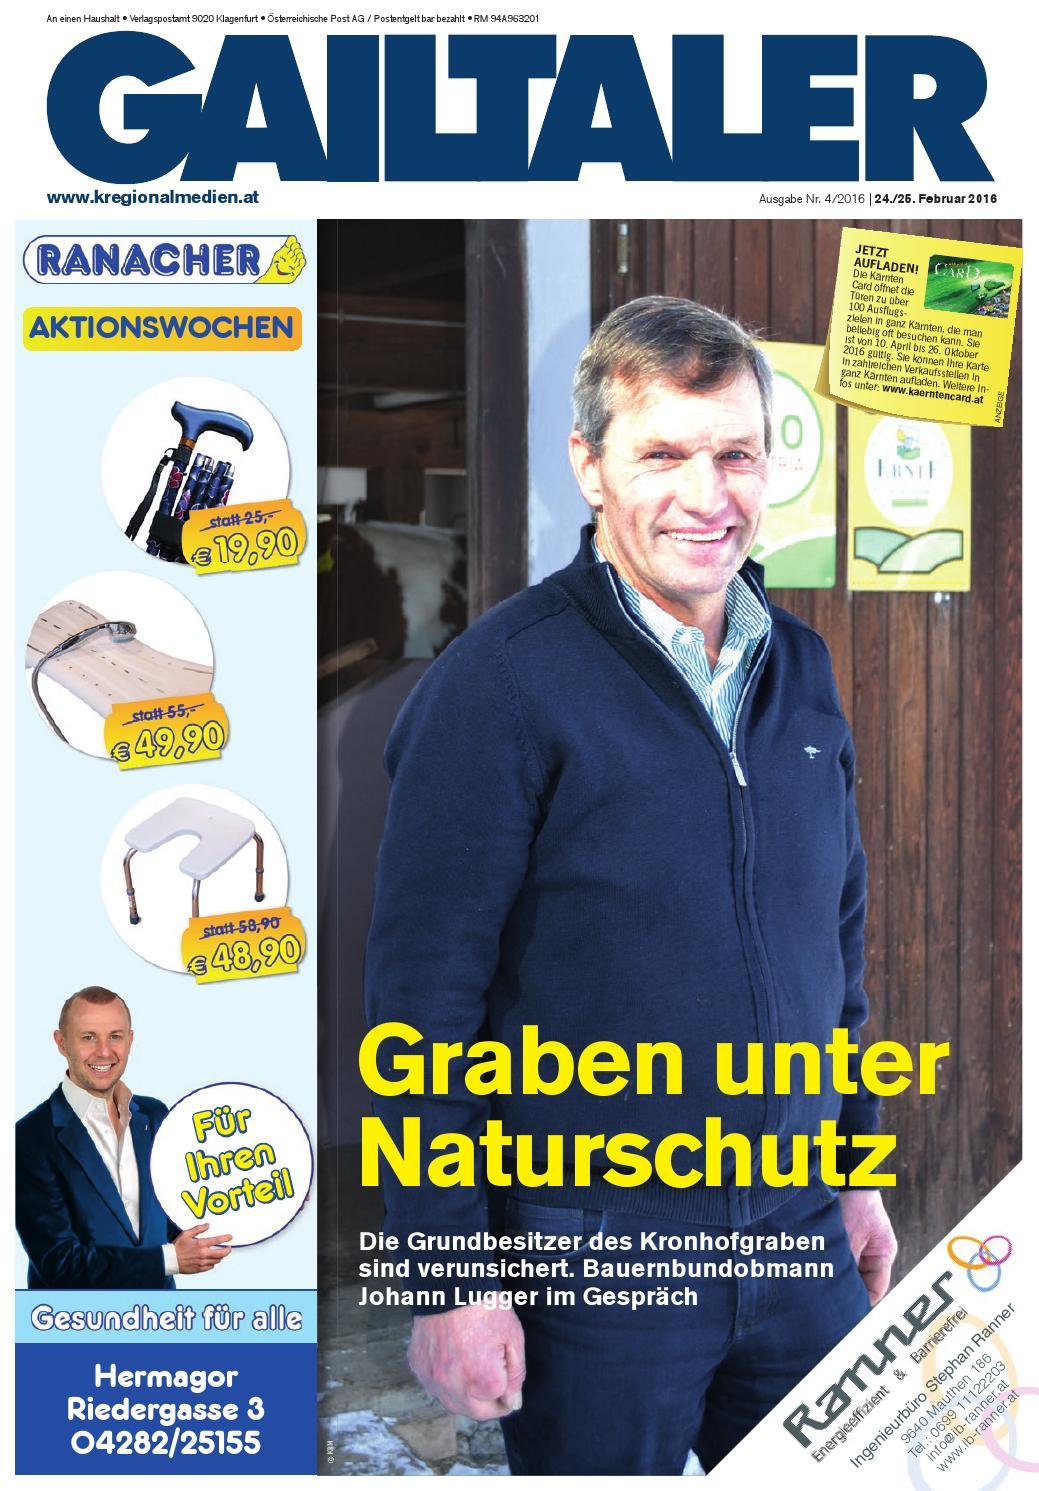 Singleboerse in altenfelden: Gedersdorf nette leute